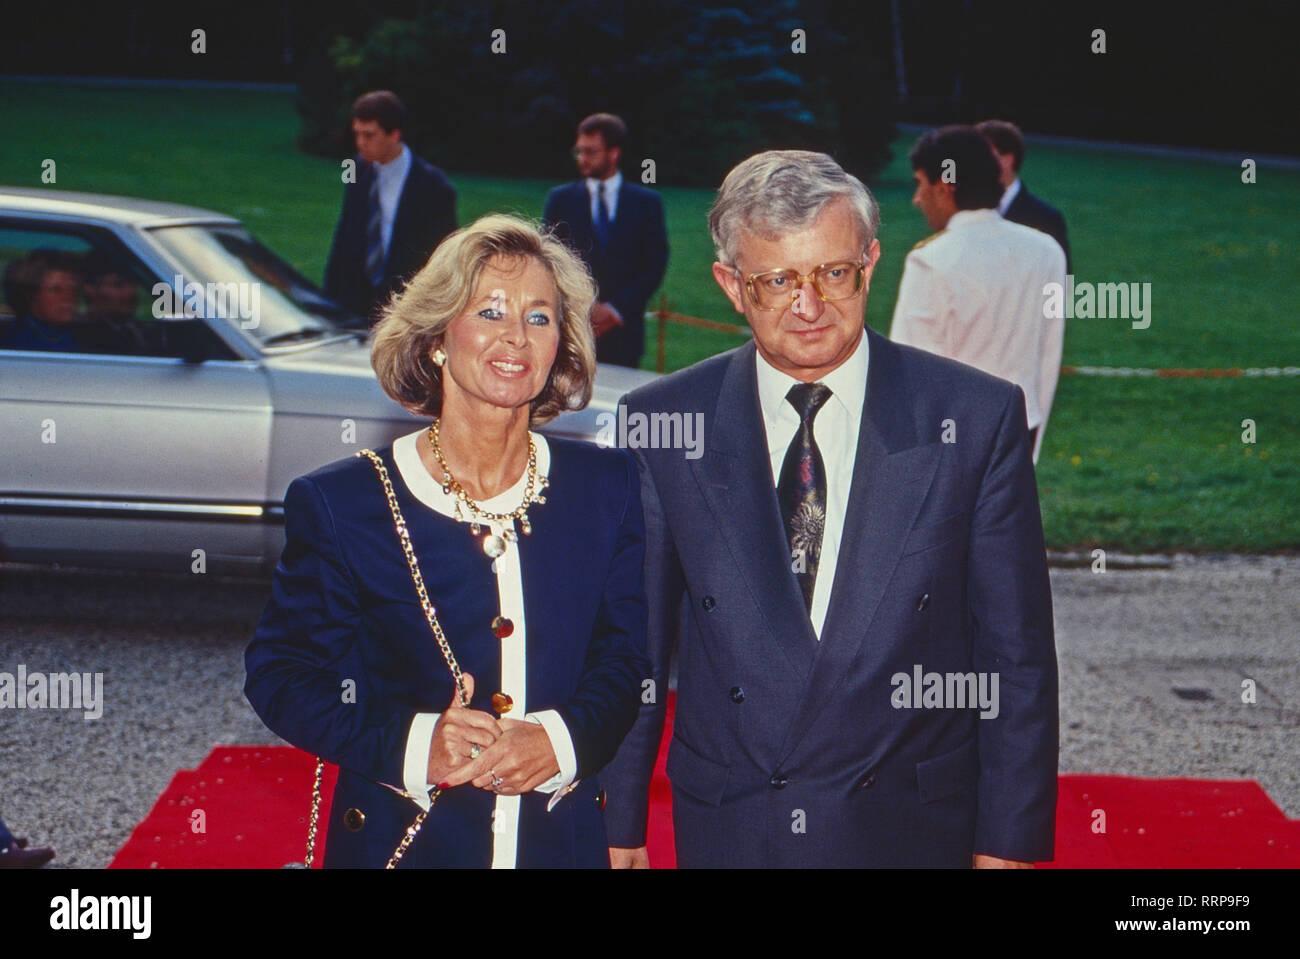 Kanzleramtsminister Rudolf Seiters mit Ehefrau vor der französischen Botschaft in Bonn, Deutschland 1990. Head of the Bonn chancellery Rudolf Seiters with his wife at the French embassy in Bonn, Germany 1990. - Stock Image